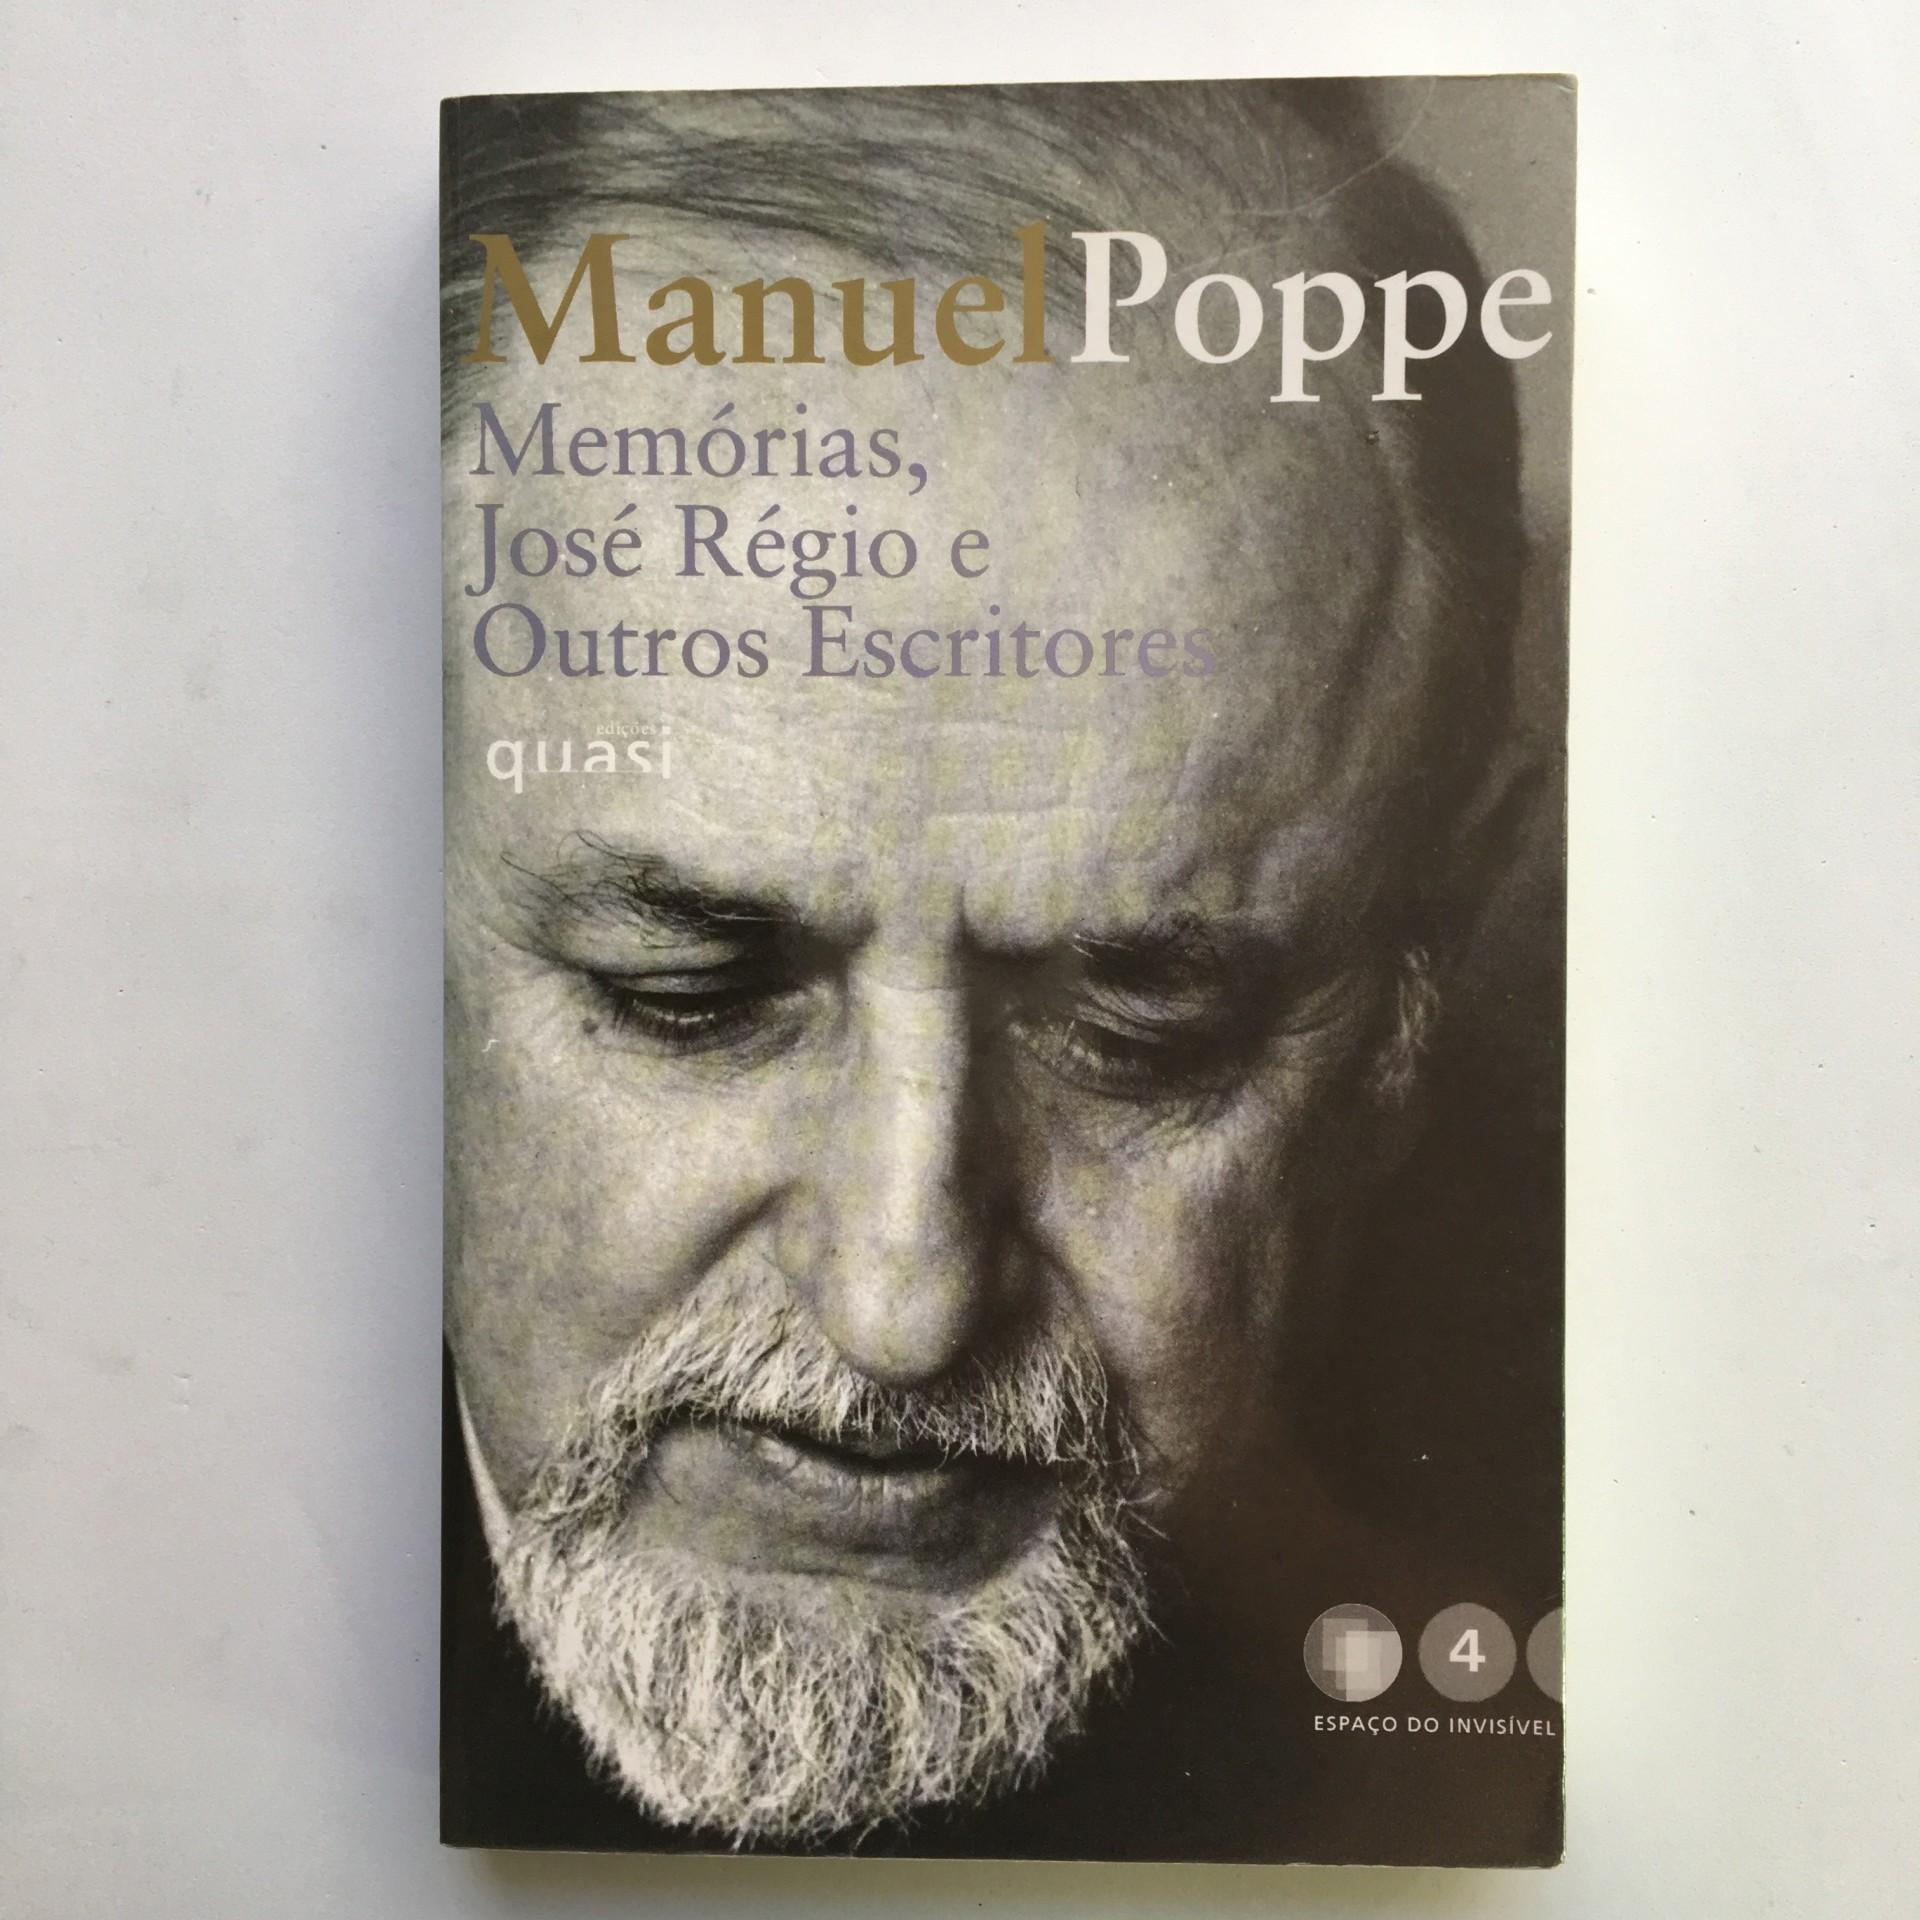 Memórias, José Régio e Outros Escritores